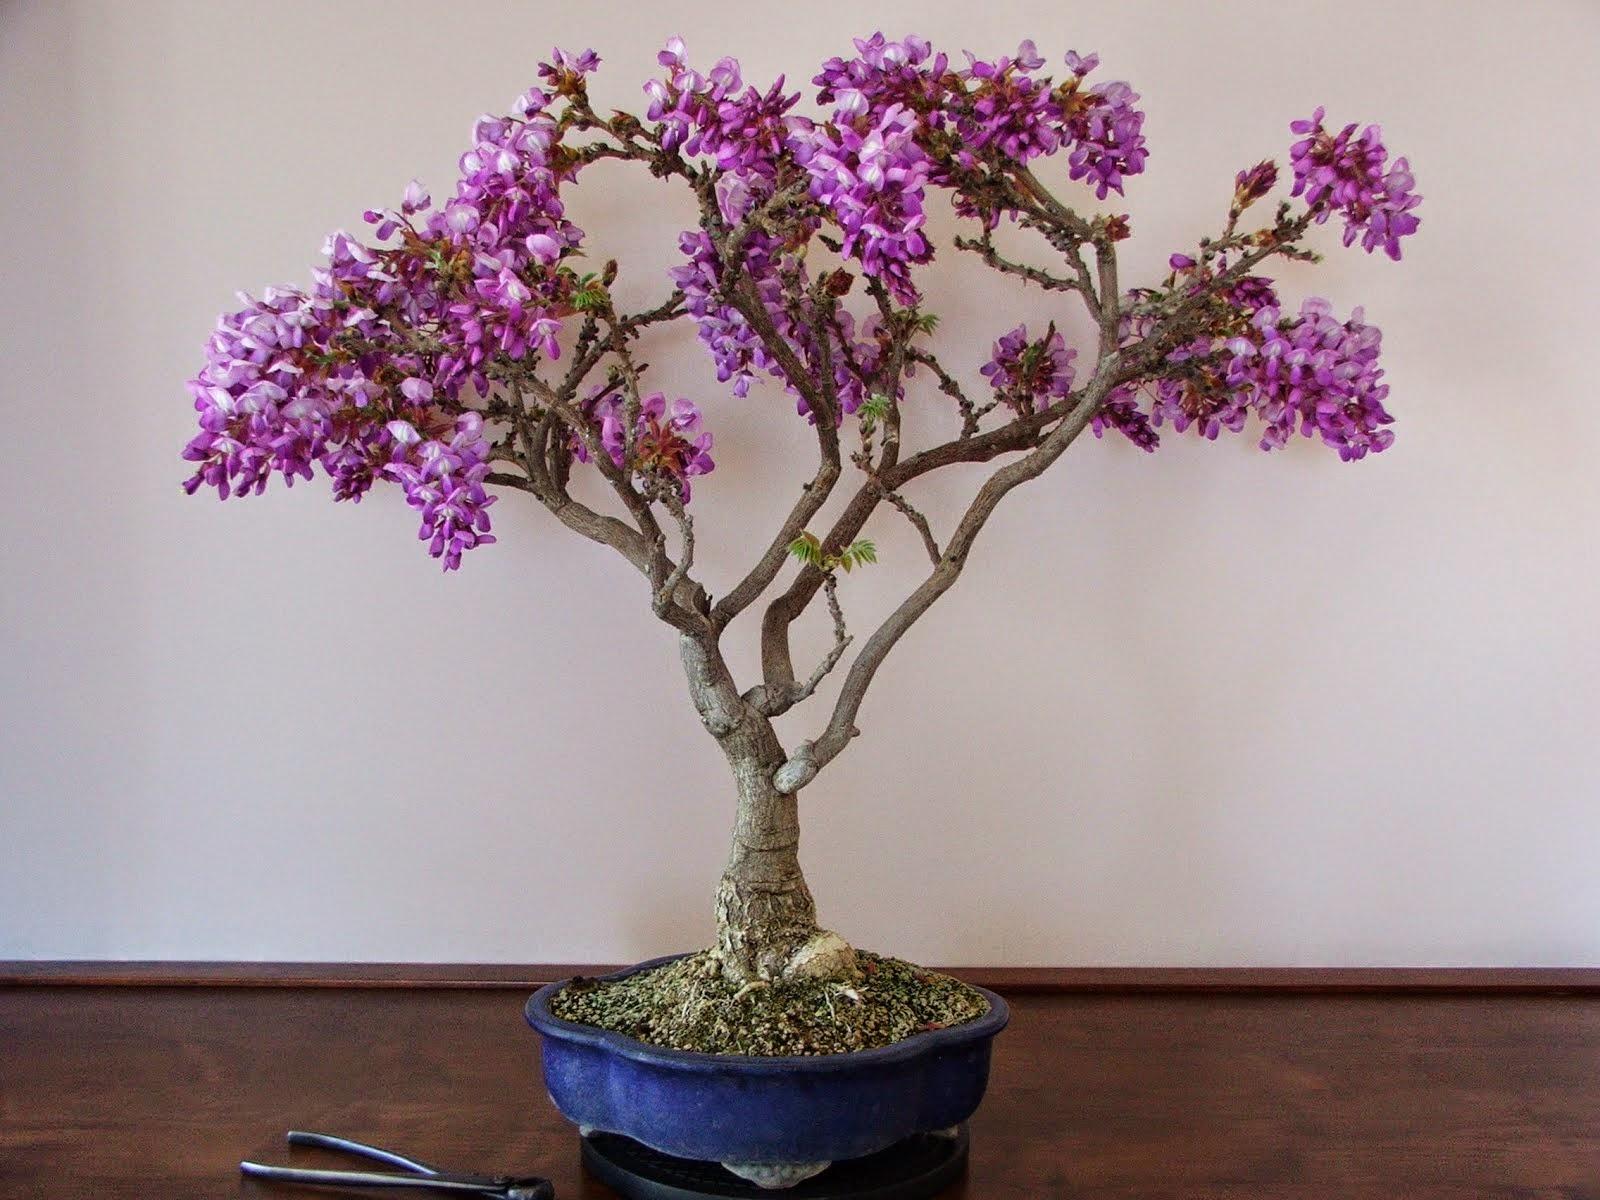 http://evoluzionebonsai.blogspot.it/2012/04/bonsai-di-glicine-wisteria-floribunda.html